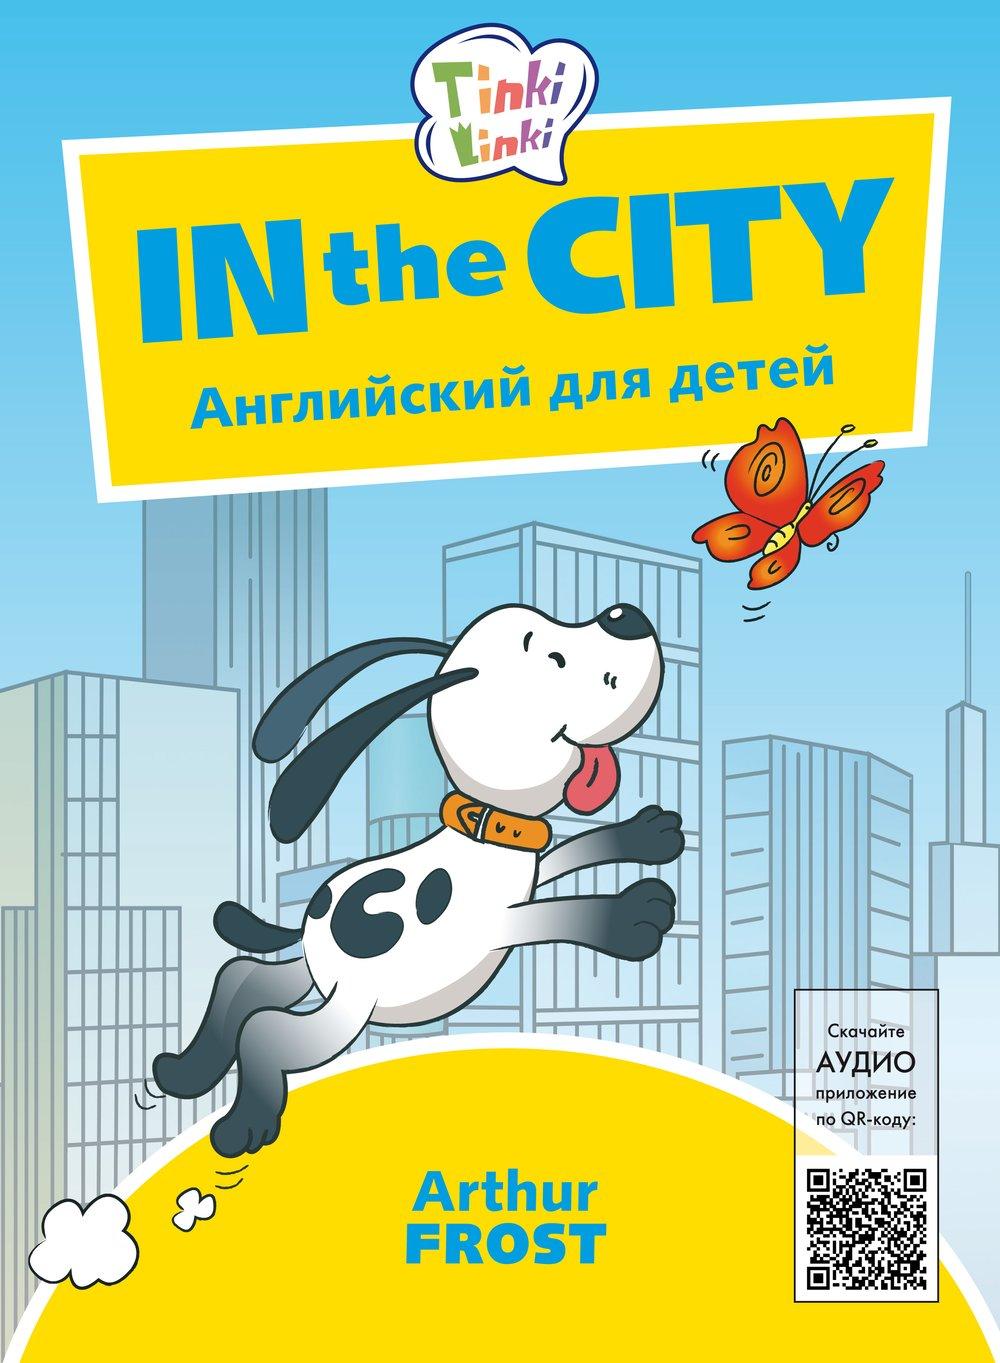 Arthur Frost. Приключения в городе. Для детей 5–7 лет. QR-код. Английский язык